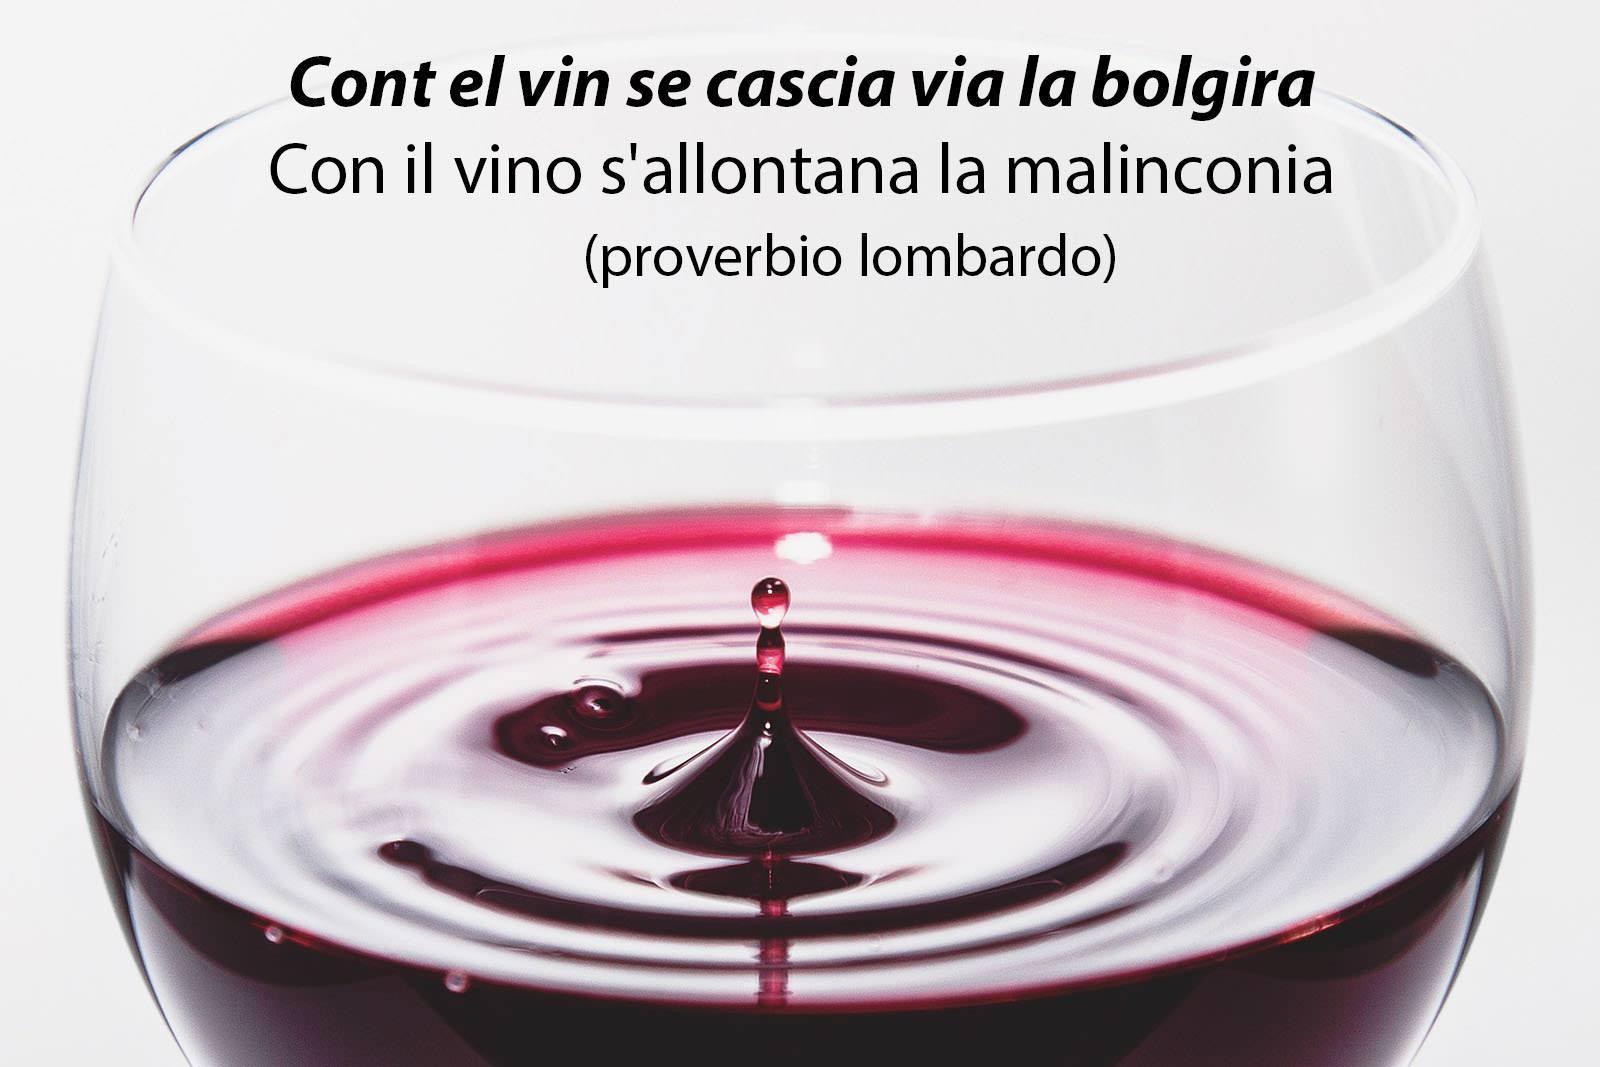 Proverbio Lombardo